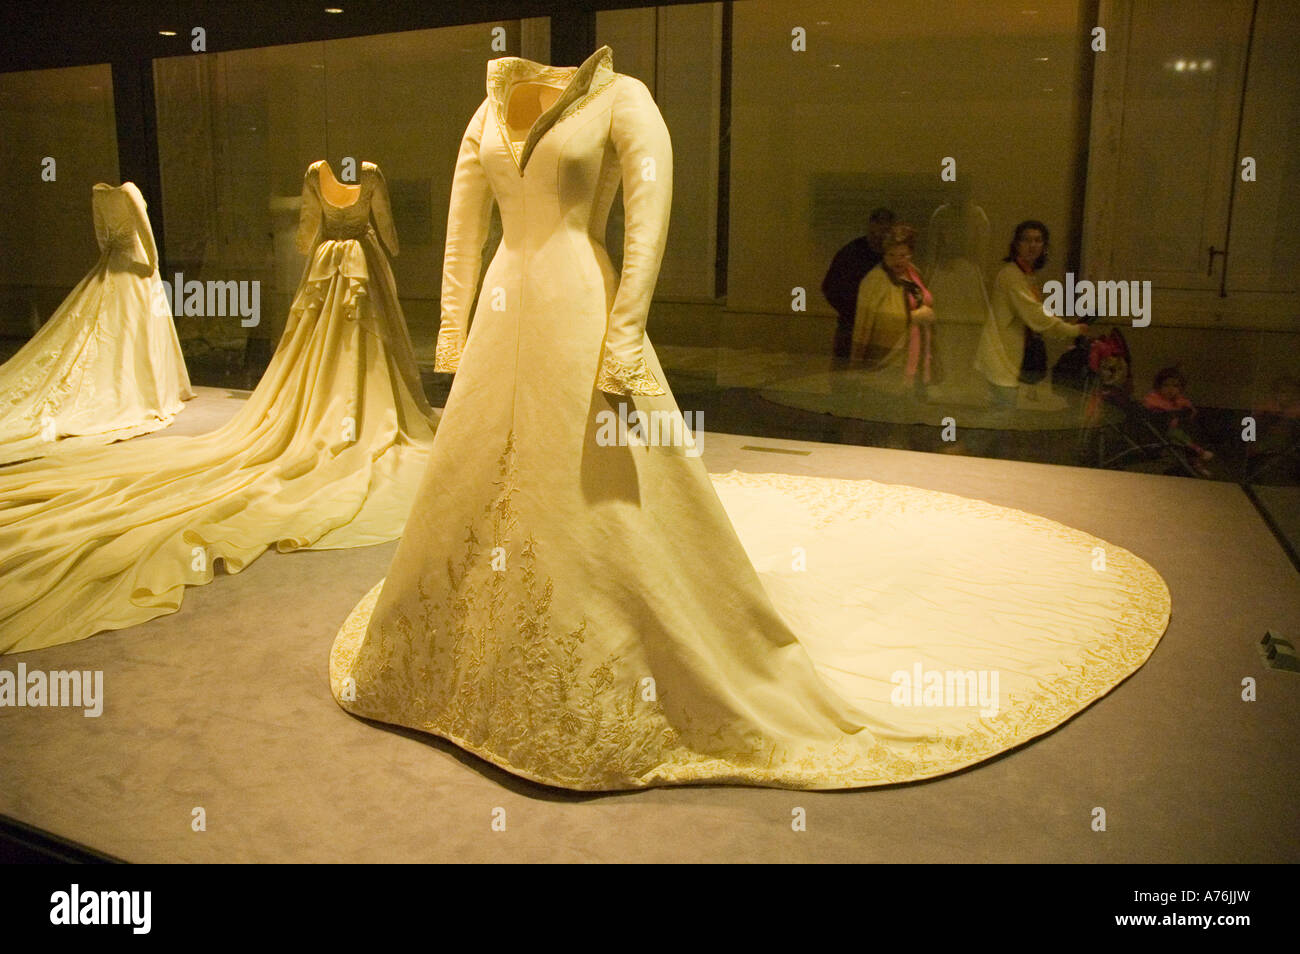 Prinzessin Letizia Hochzeitskleid Royal Palast ARANJUEZ Madrid